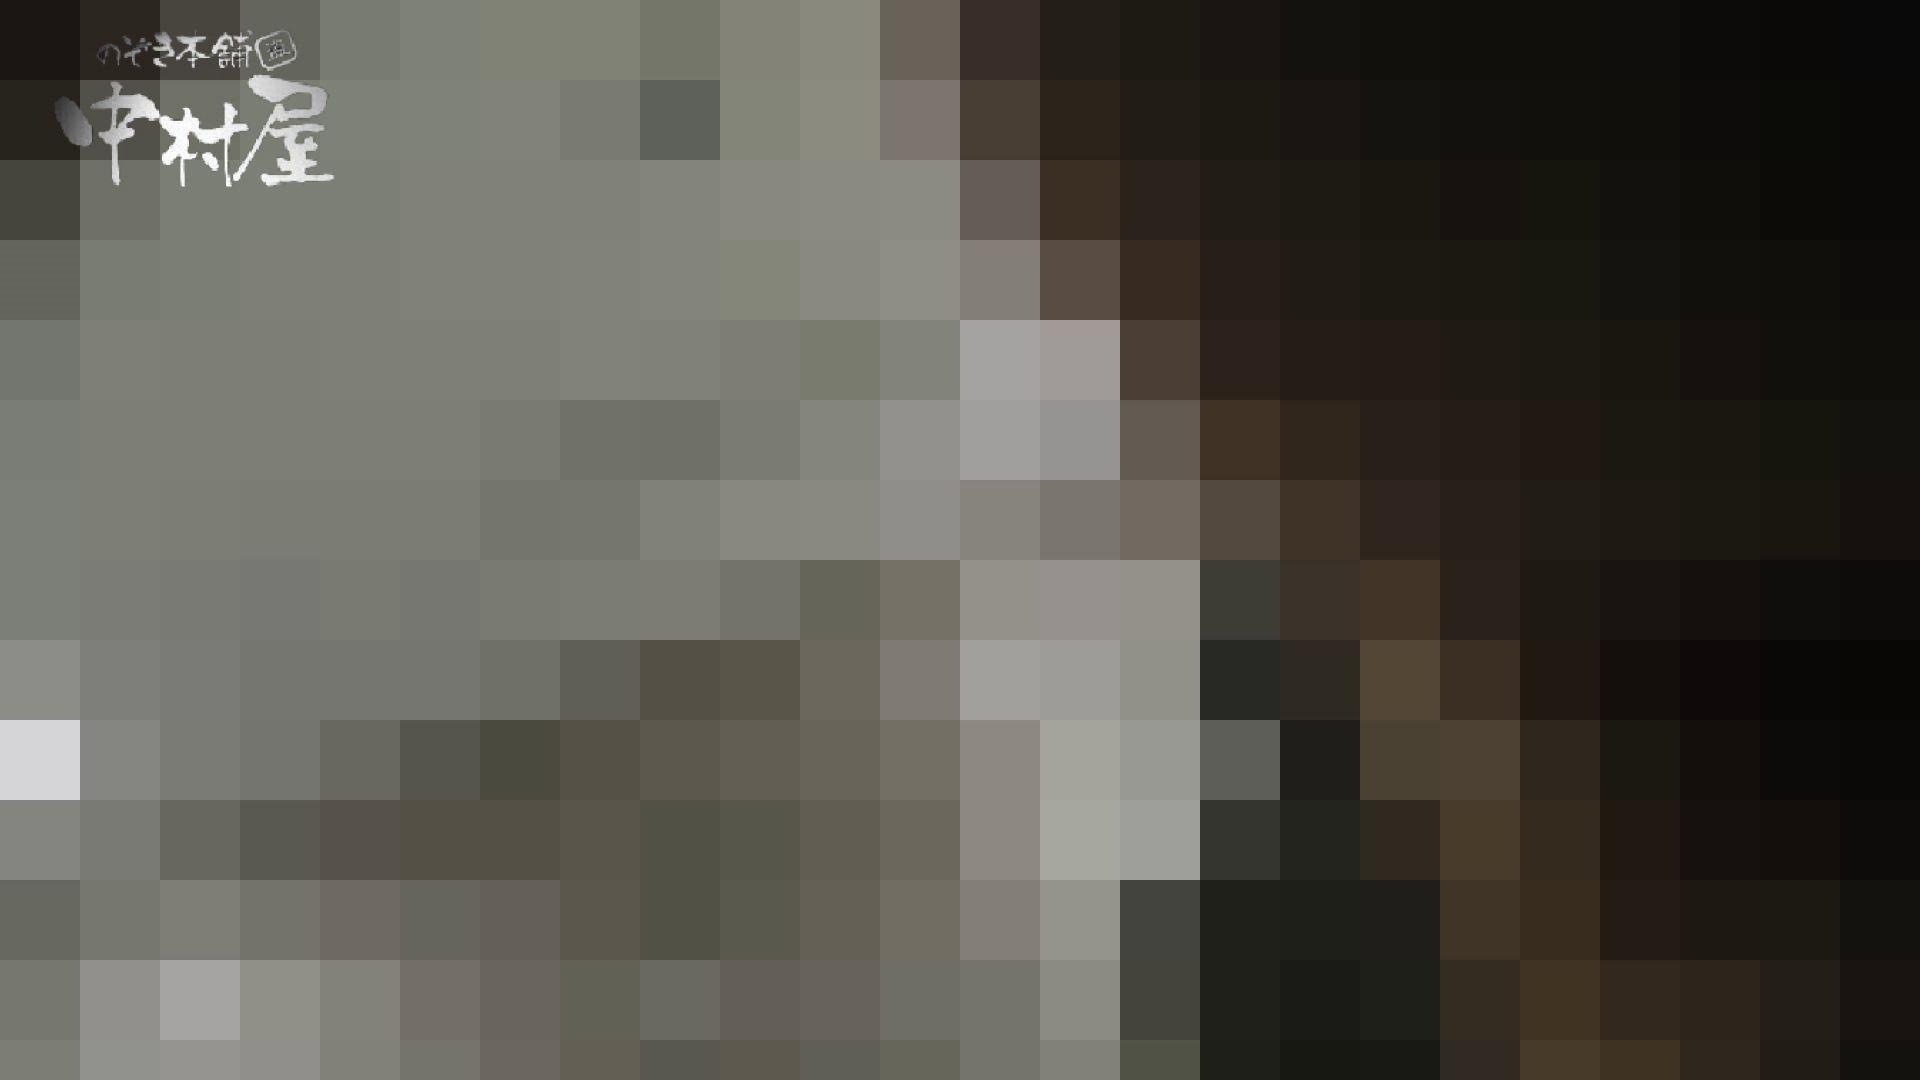 【世界の射窓から】世界の射窓から vol.18後編 洗面所   OL女体  49連発 47